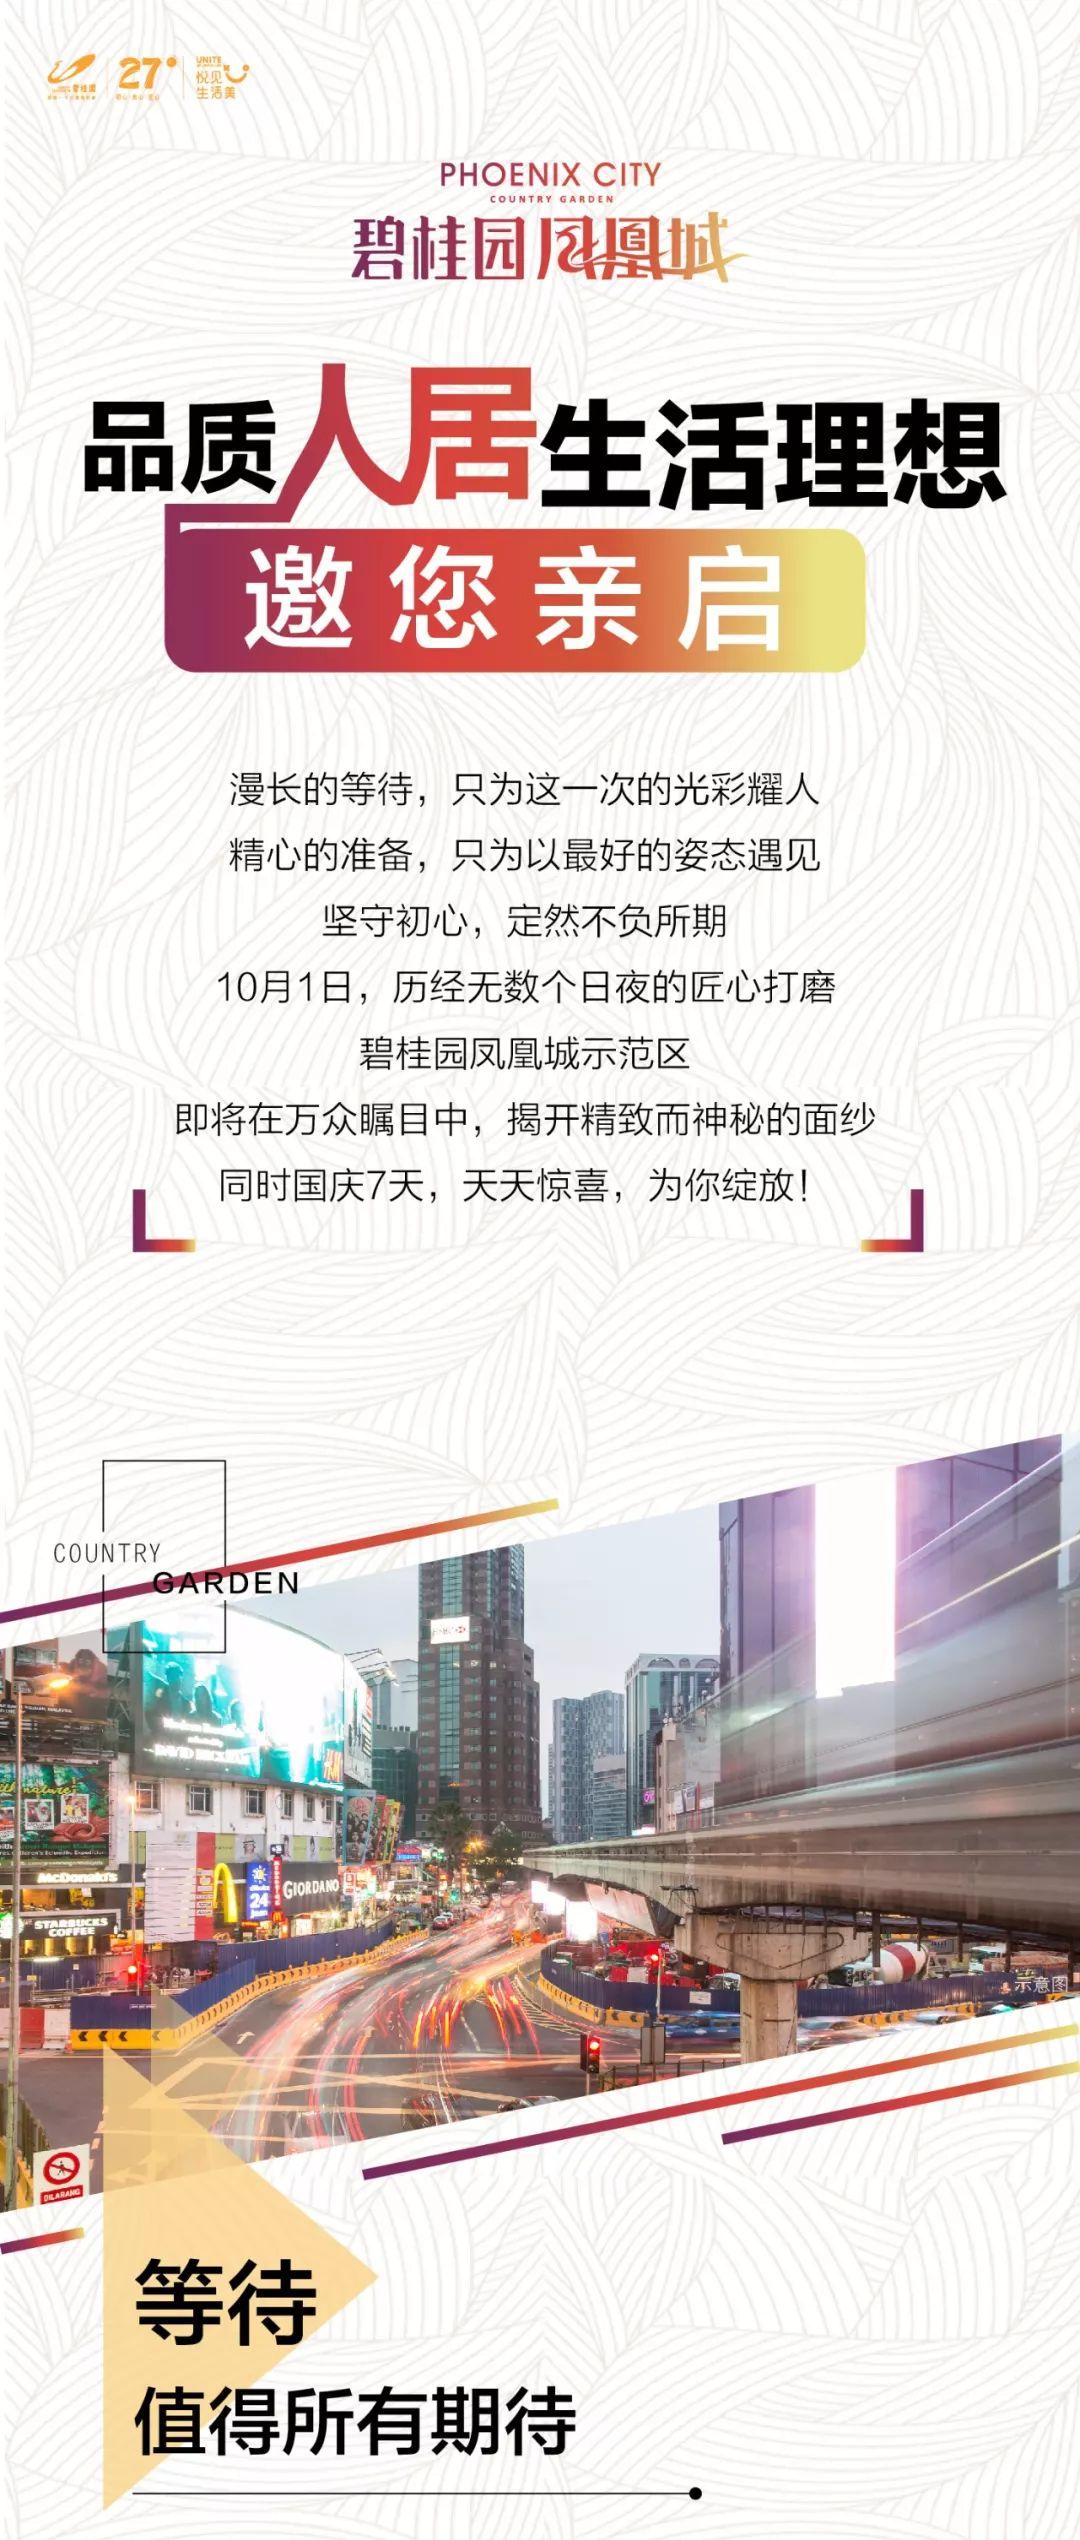 碧桂园凤凰城示范区载誉将启,大城荣耀邀您亲鉴!